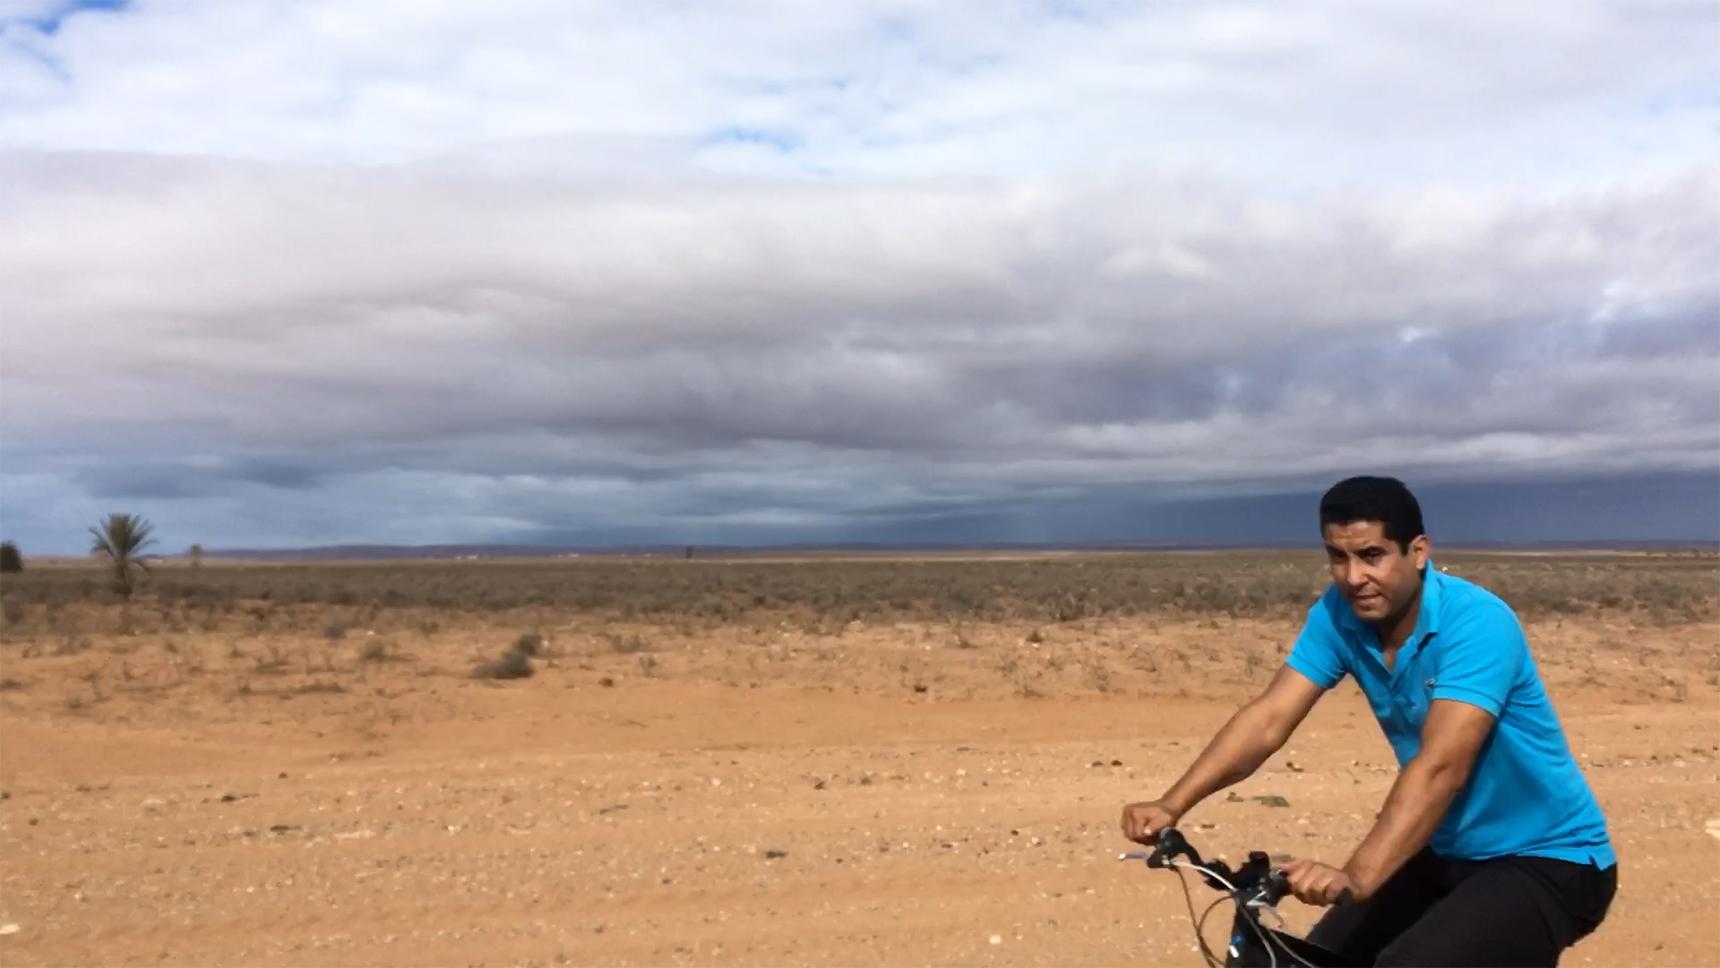 carreteras marruecos pablocaminante - Marruecos 1/3, llegada